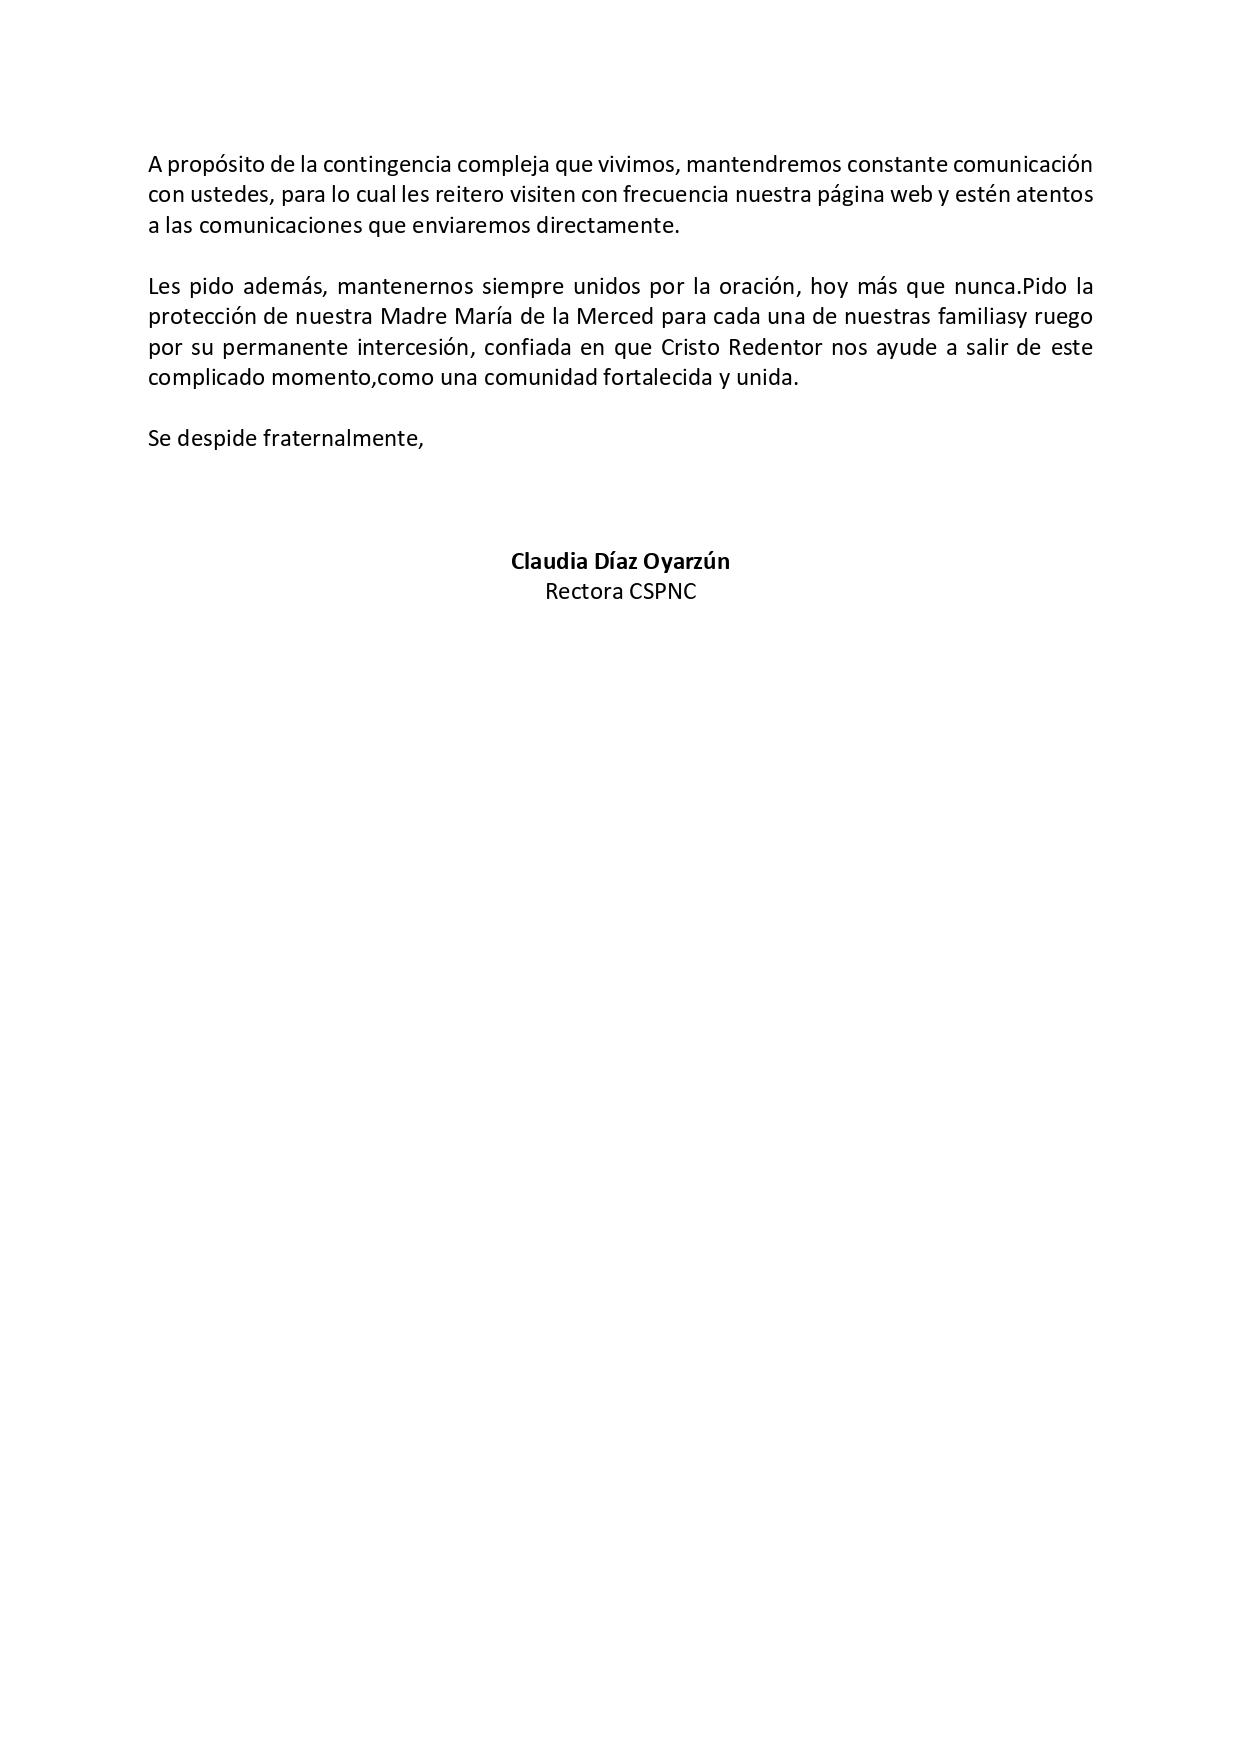 CARTA RESPUESTA RECTORA_page-0003